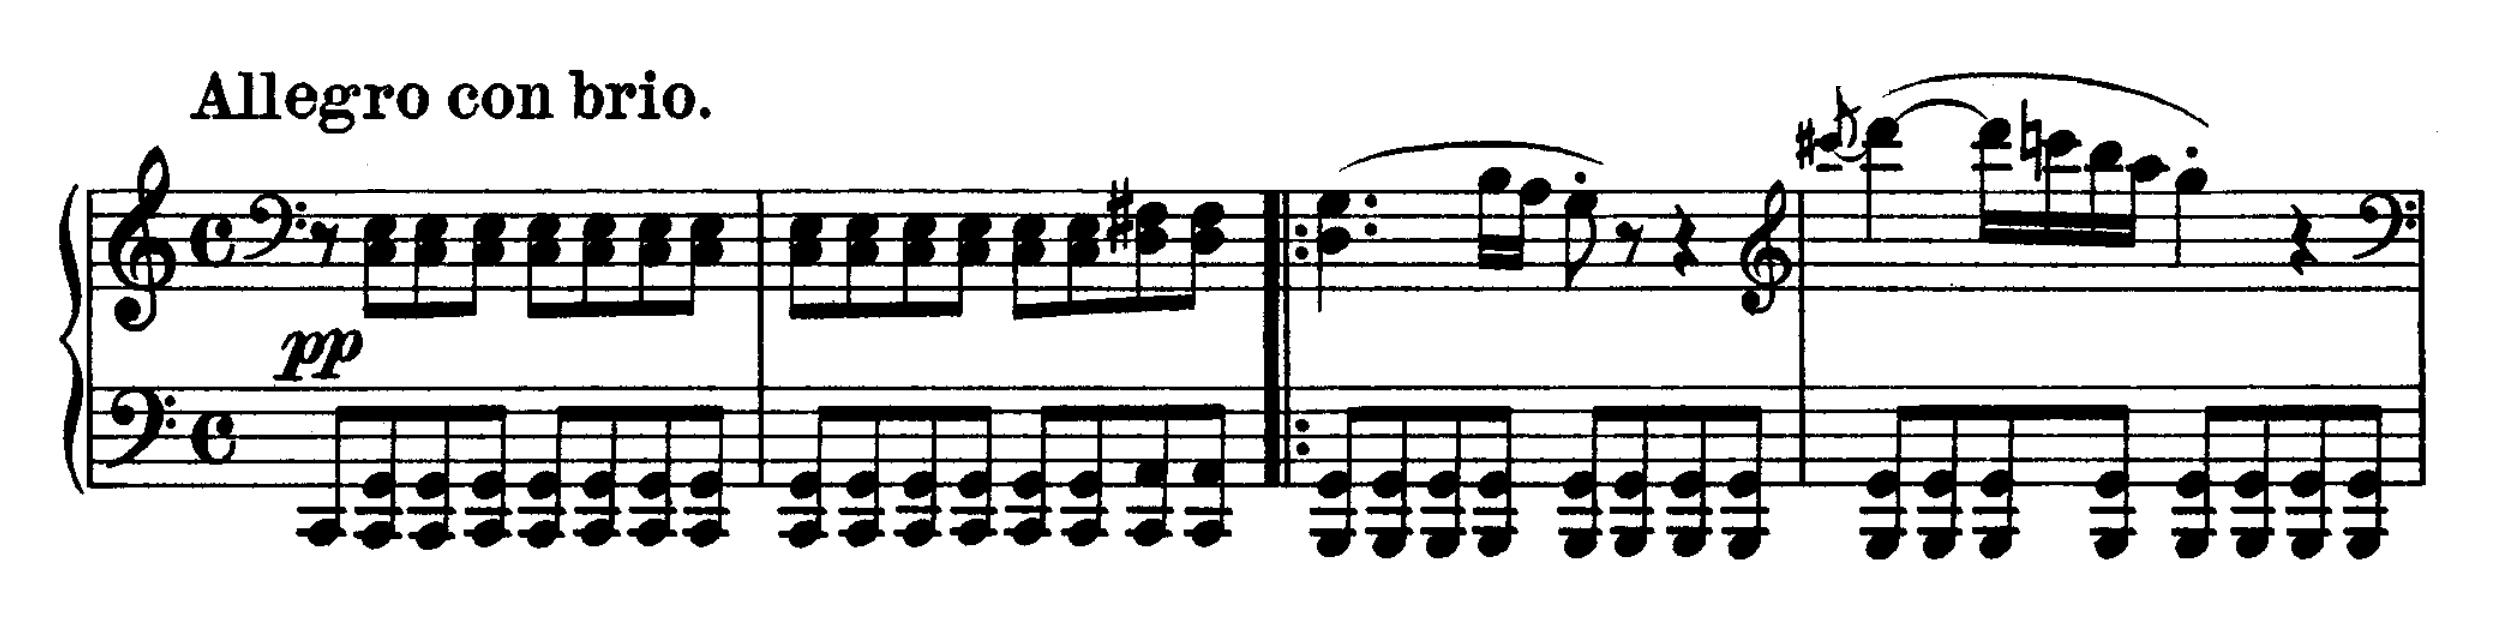 Beethoven: Piano Sonata No 21 in C major